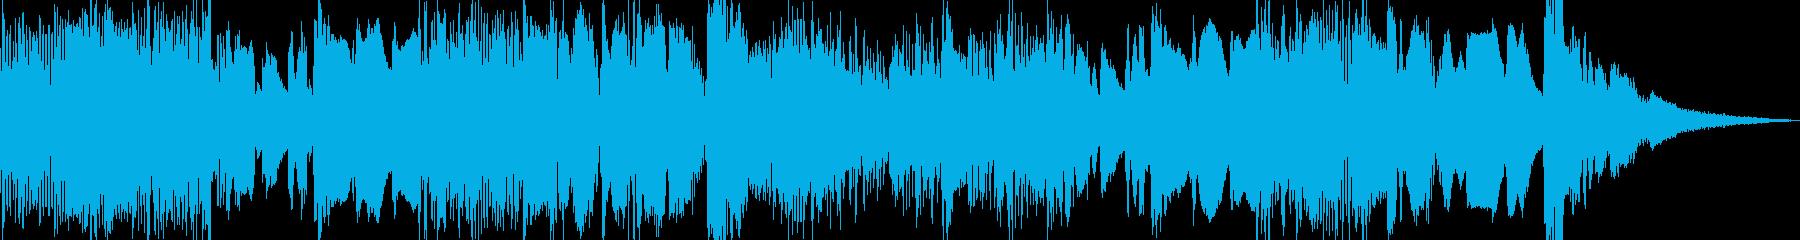 優しいポップスのBGMの再生済みの波形